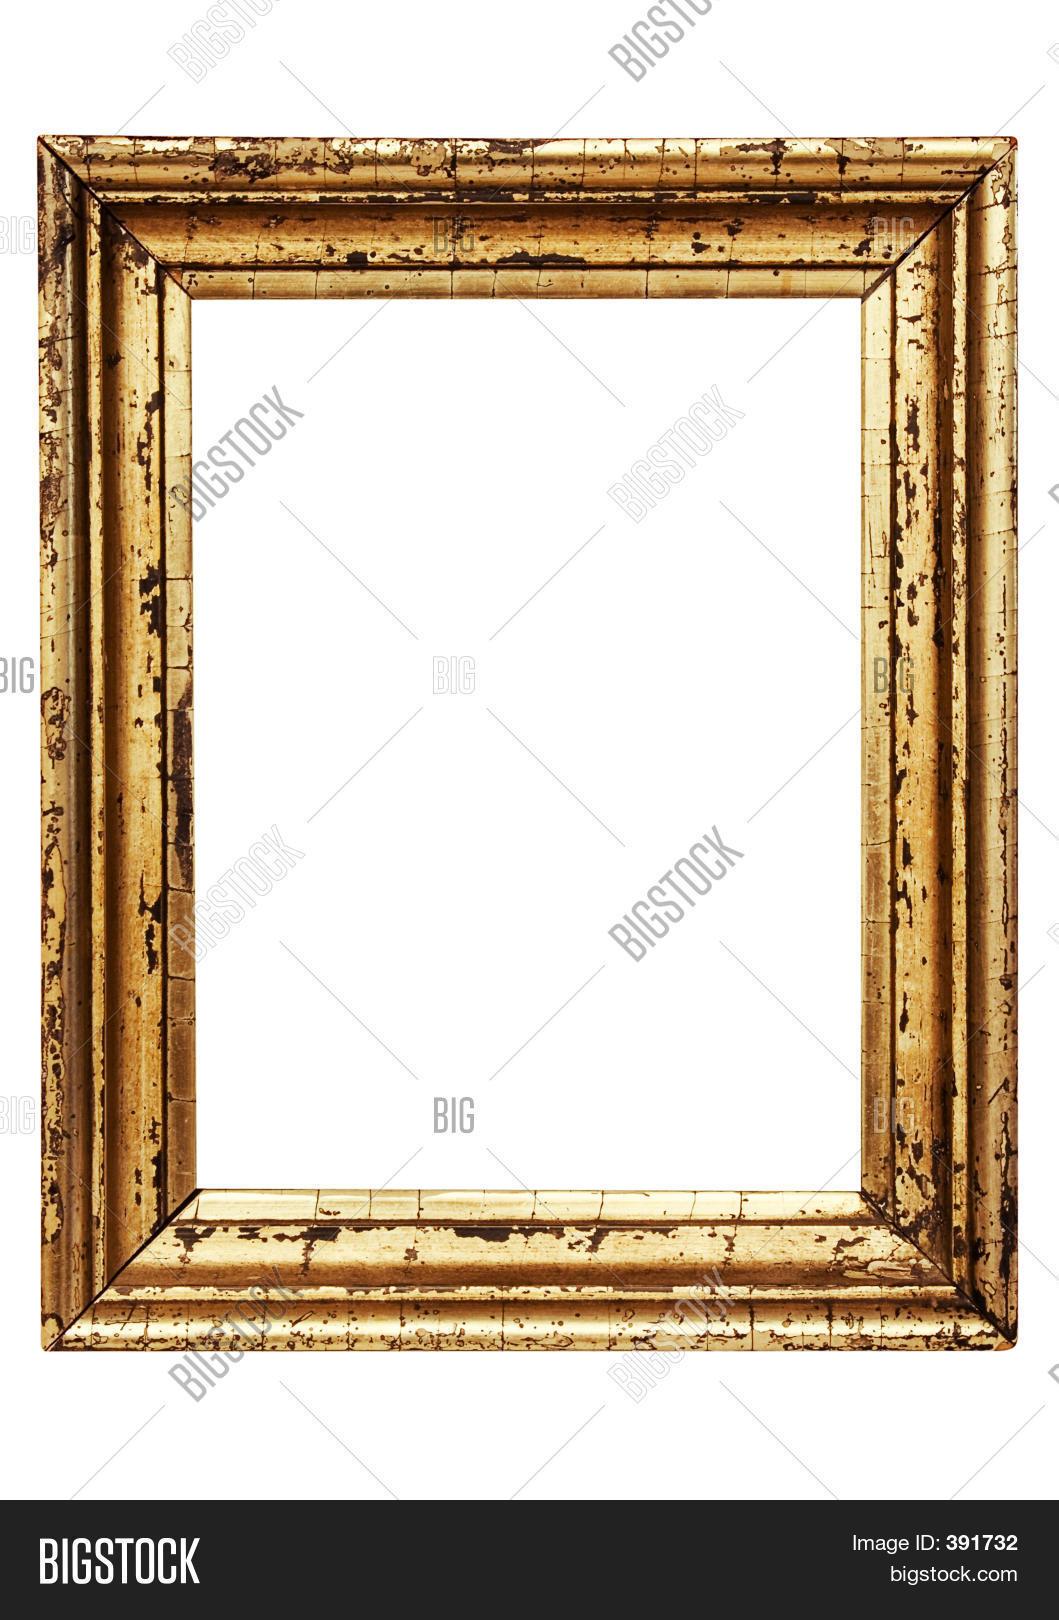 Bild und Foto zu (Kostenlose Probeversion) | Bigstock